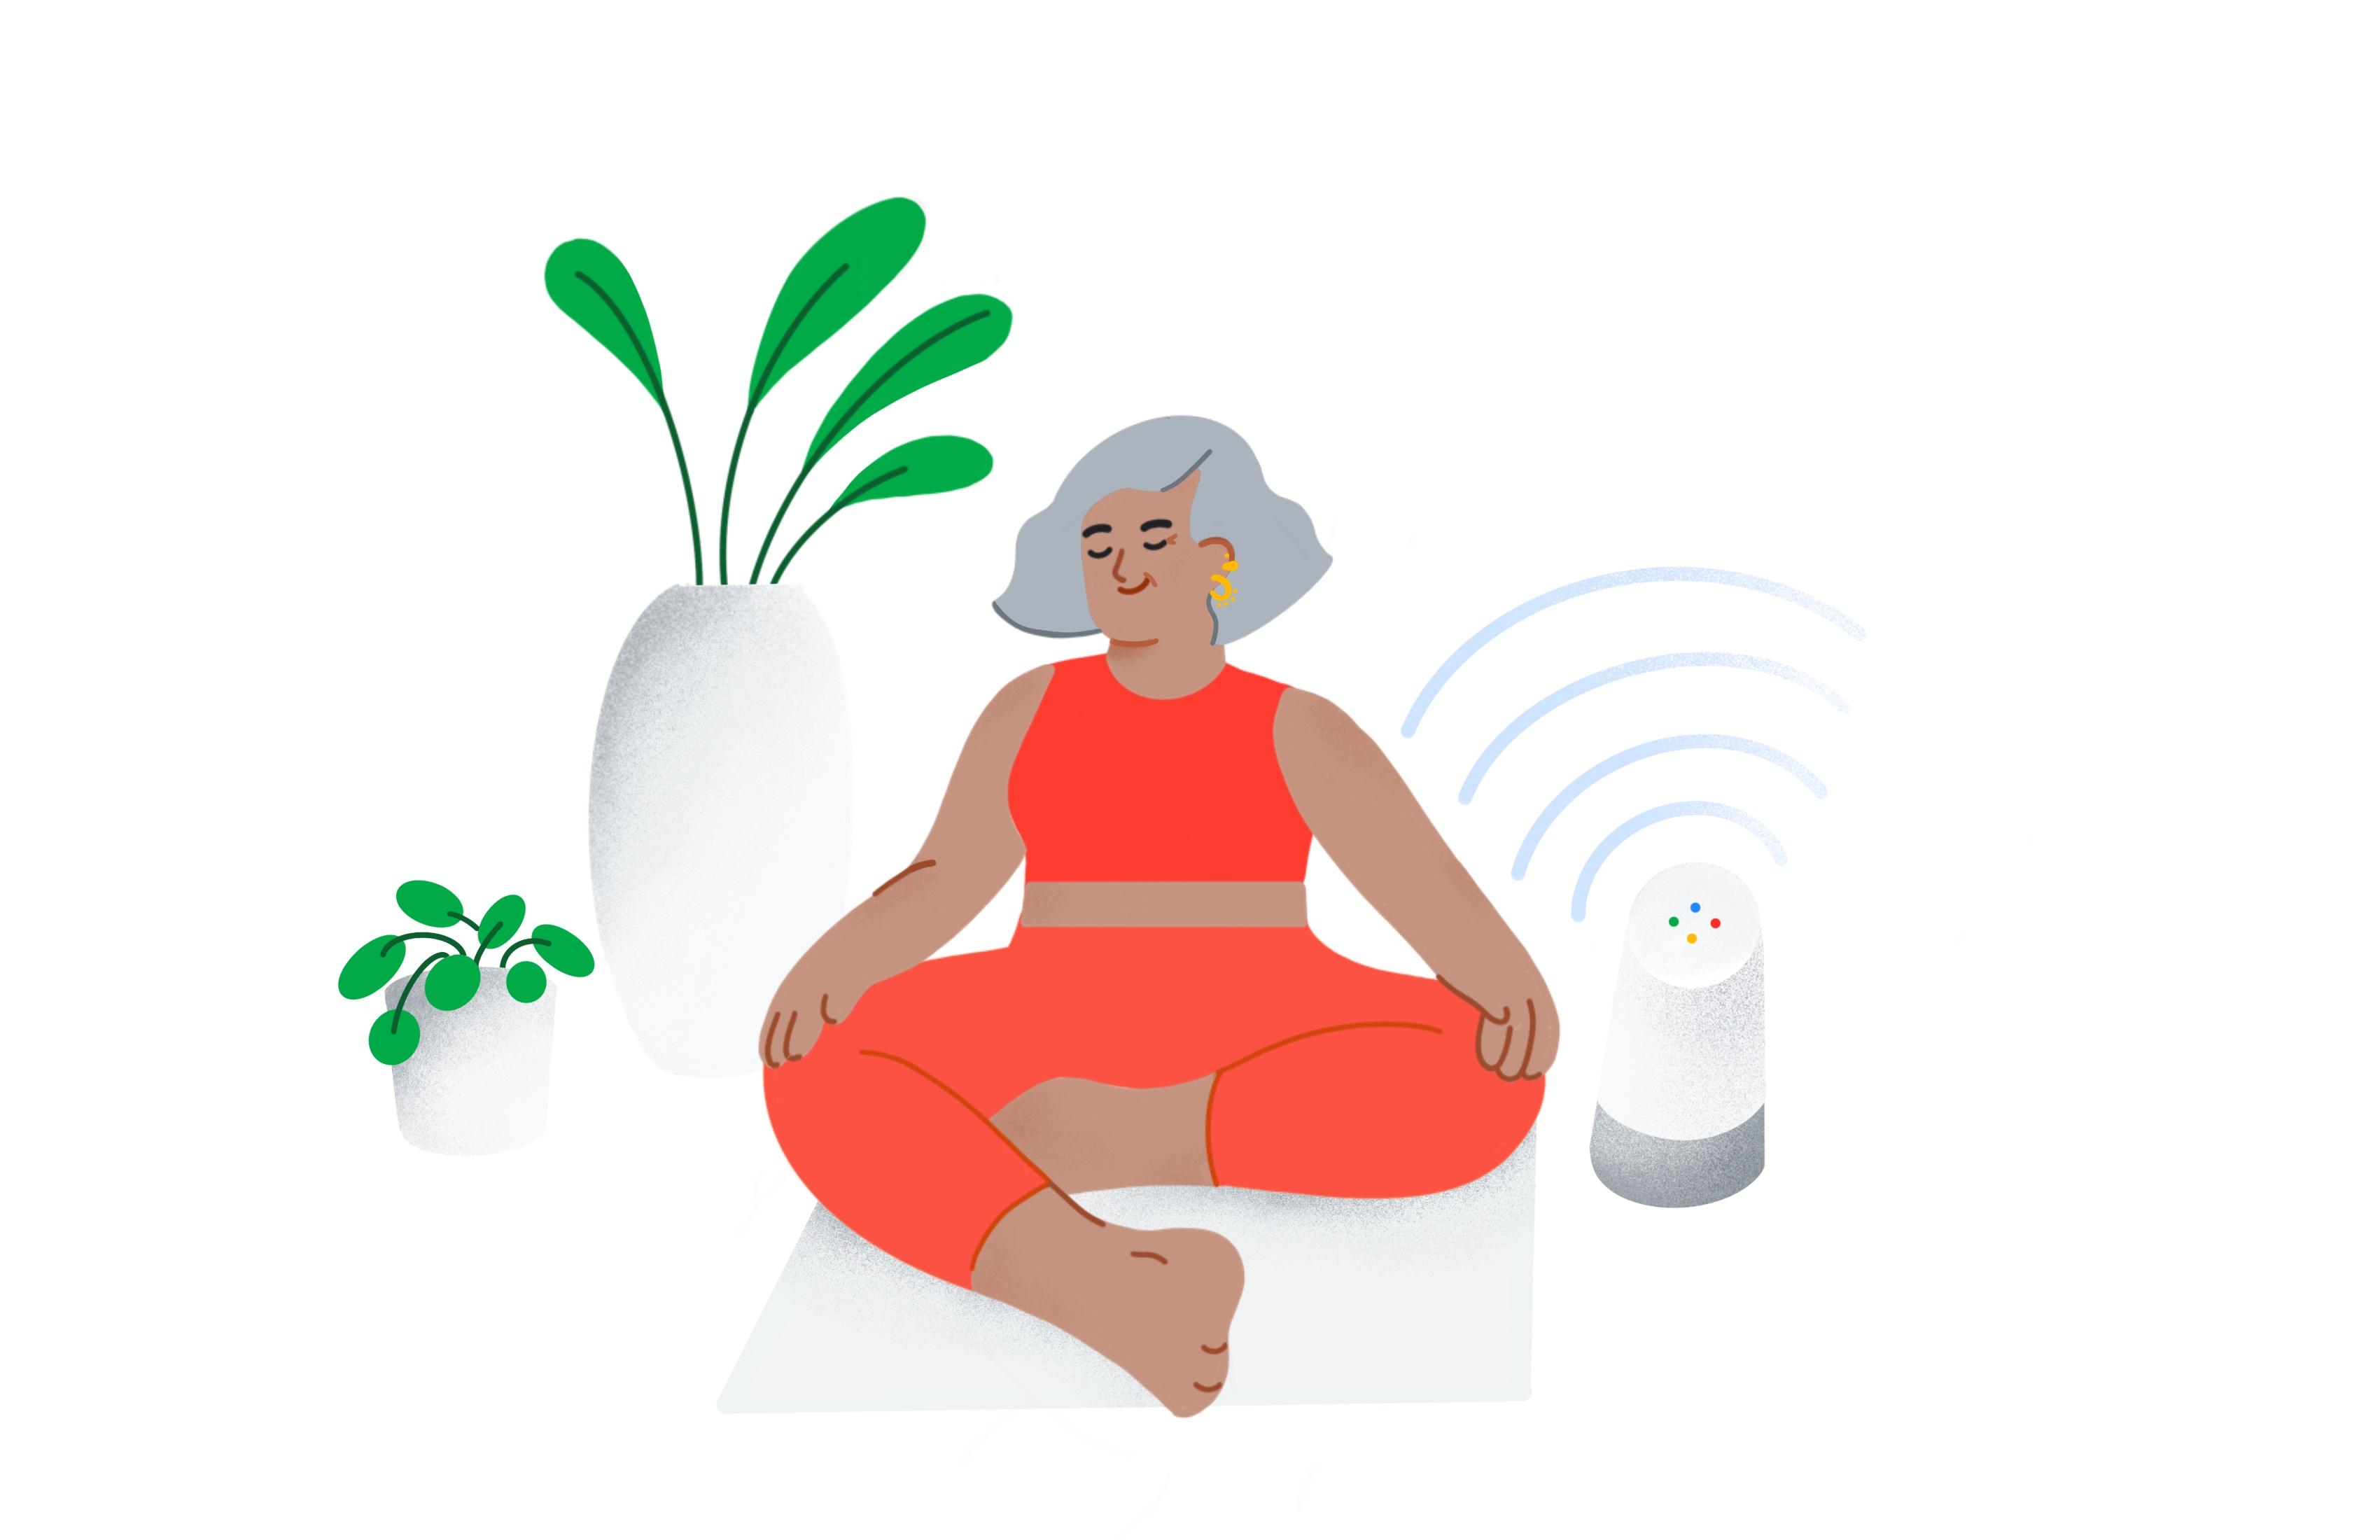 Eine Frau hört sich Podcasts an, während sie Yoga macht.